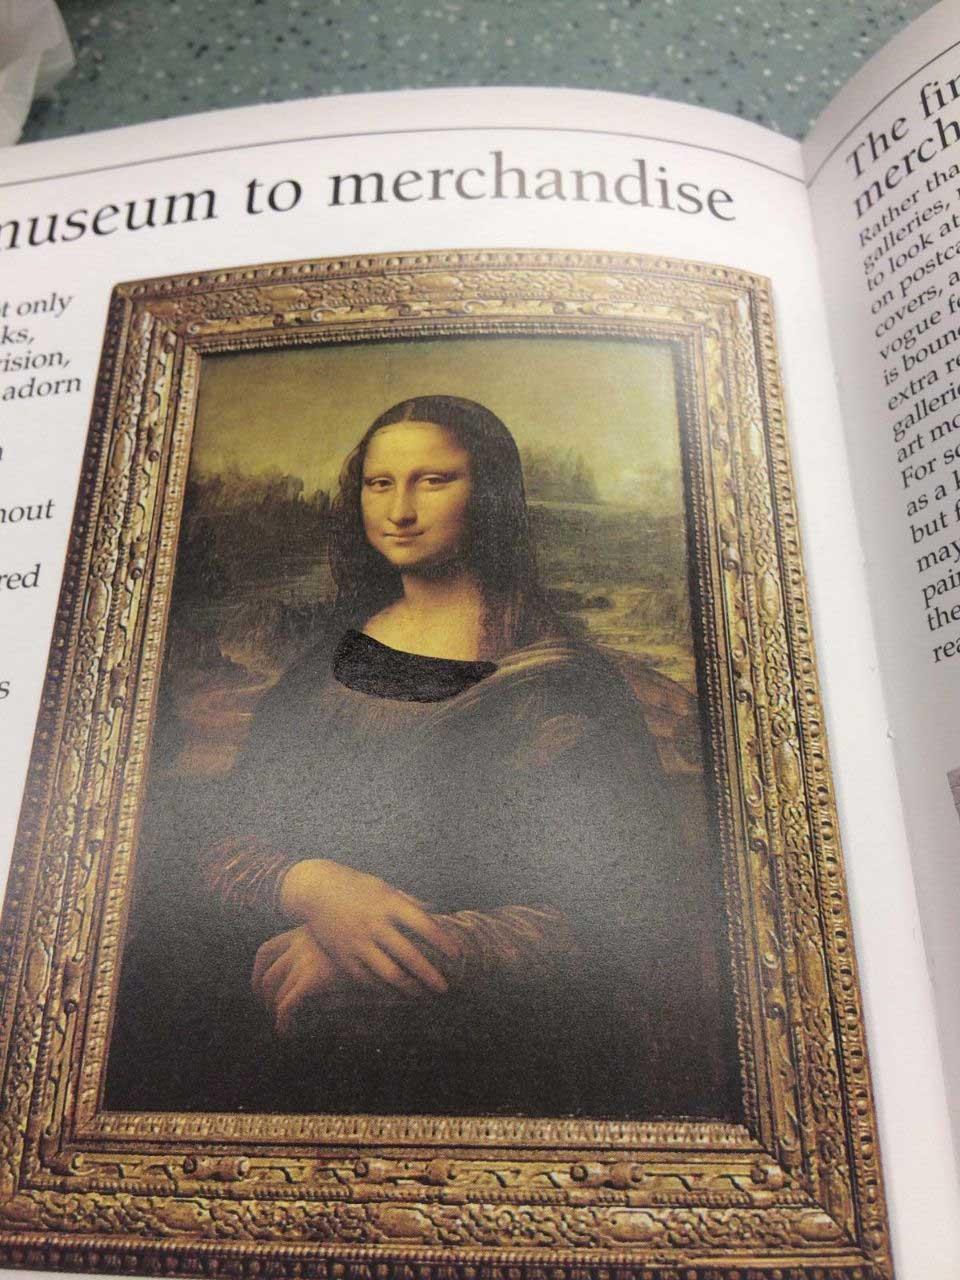 So absurd wurde ein Kunstbuch in einer christlichen Schule zensiert looking-at-paintings-christliche-zensur_07